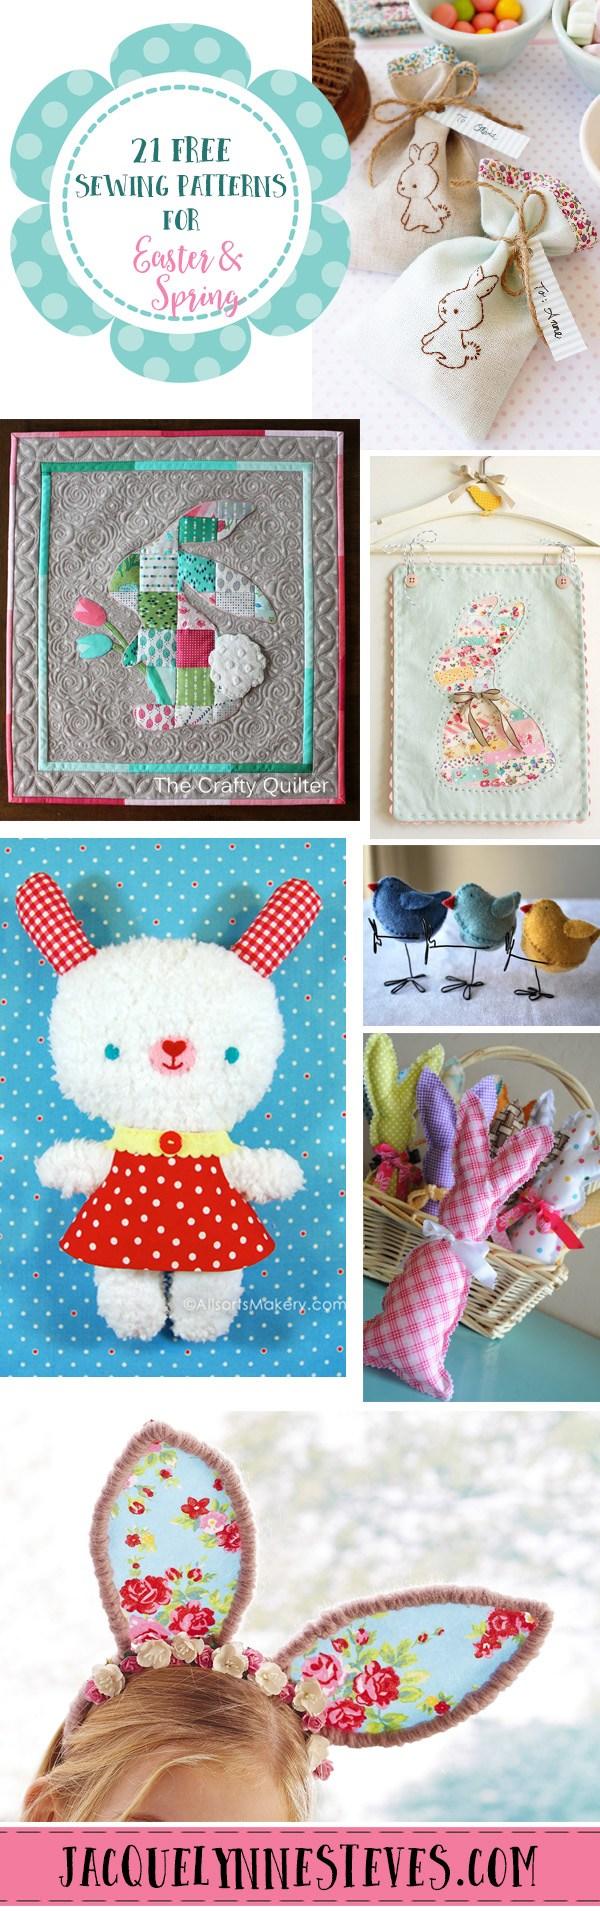 21 Free Sewing Patterns for Easter & Spring @ Jacquelynne Steves blog